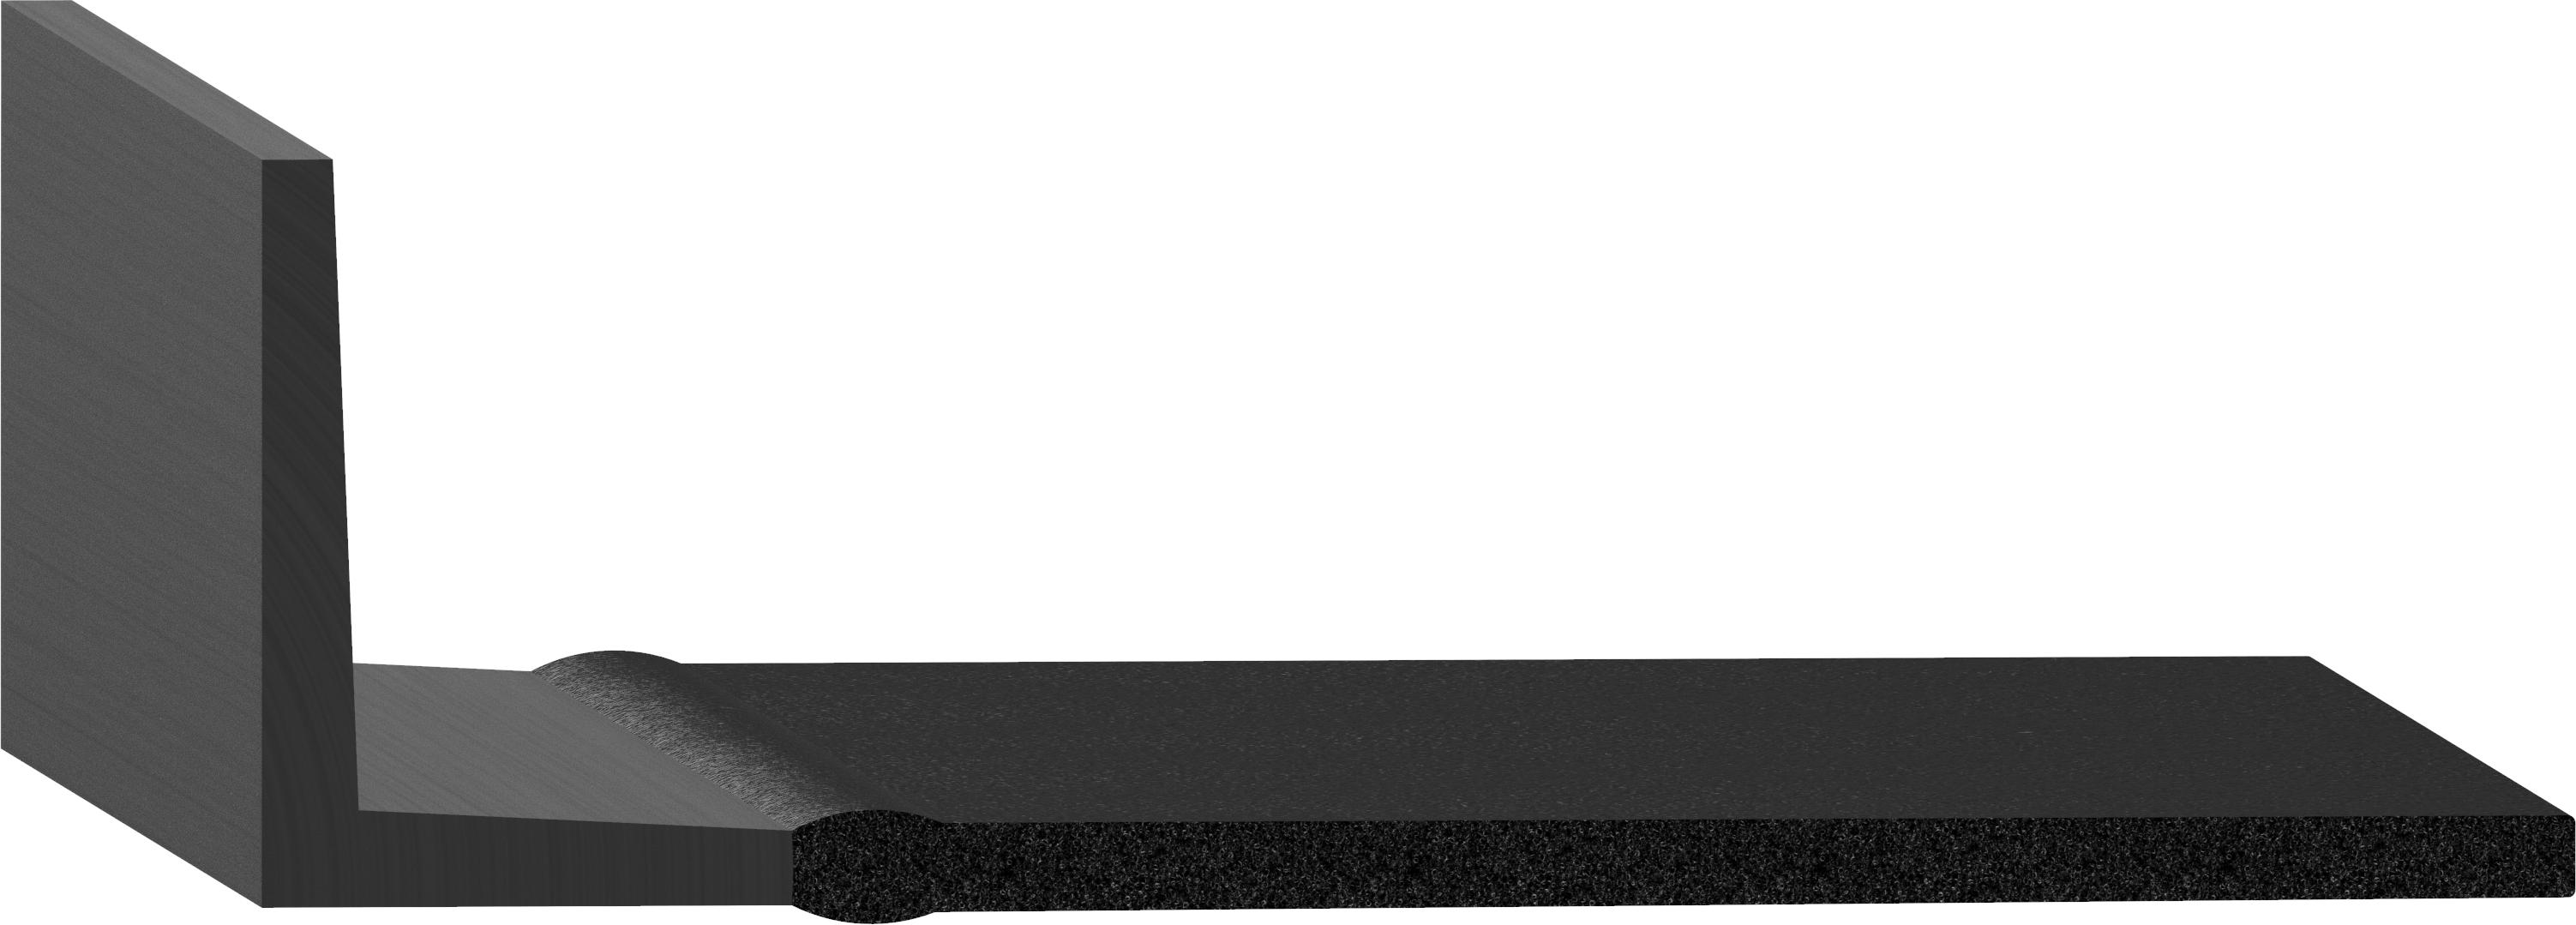 Uni-Grip part: SD-12338